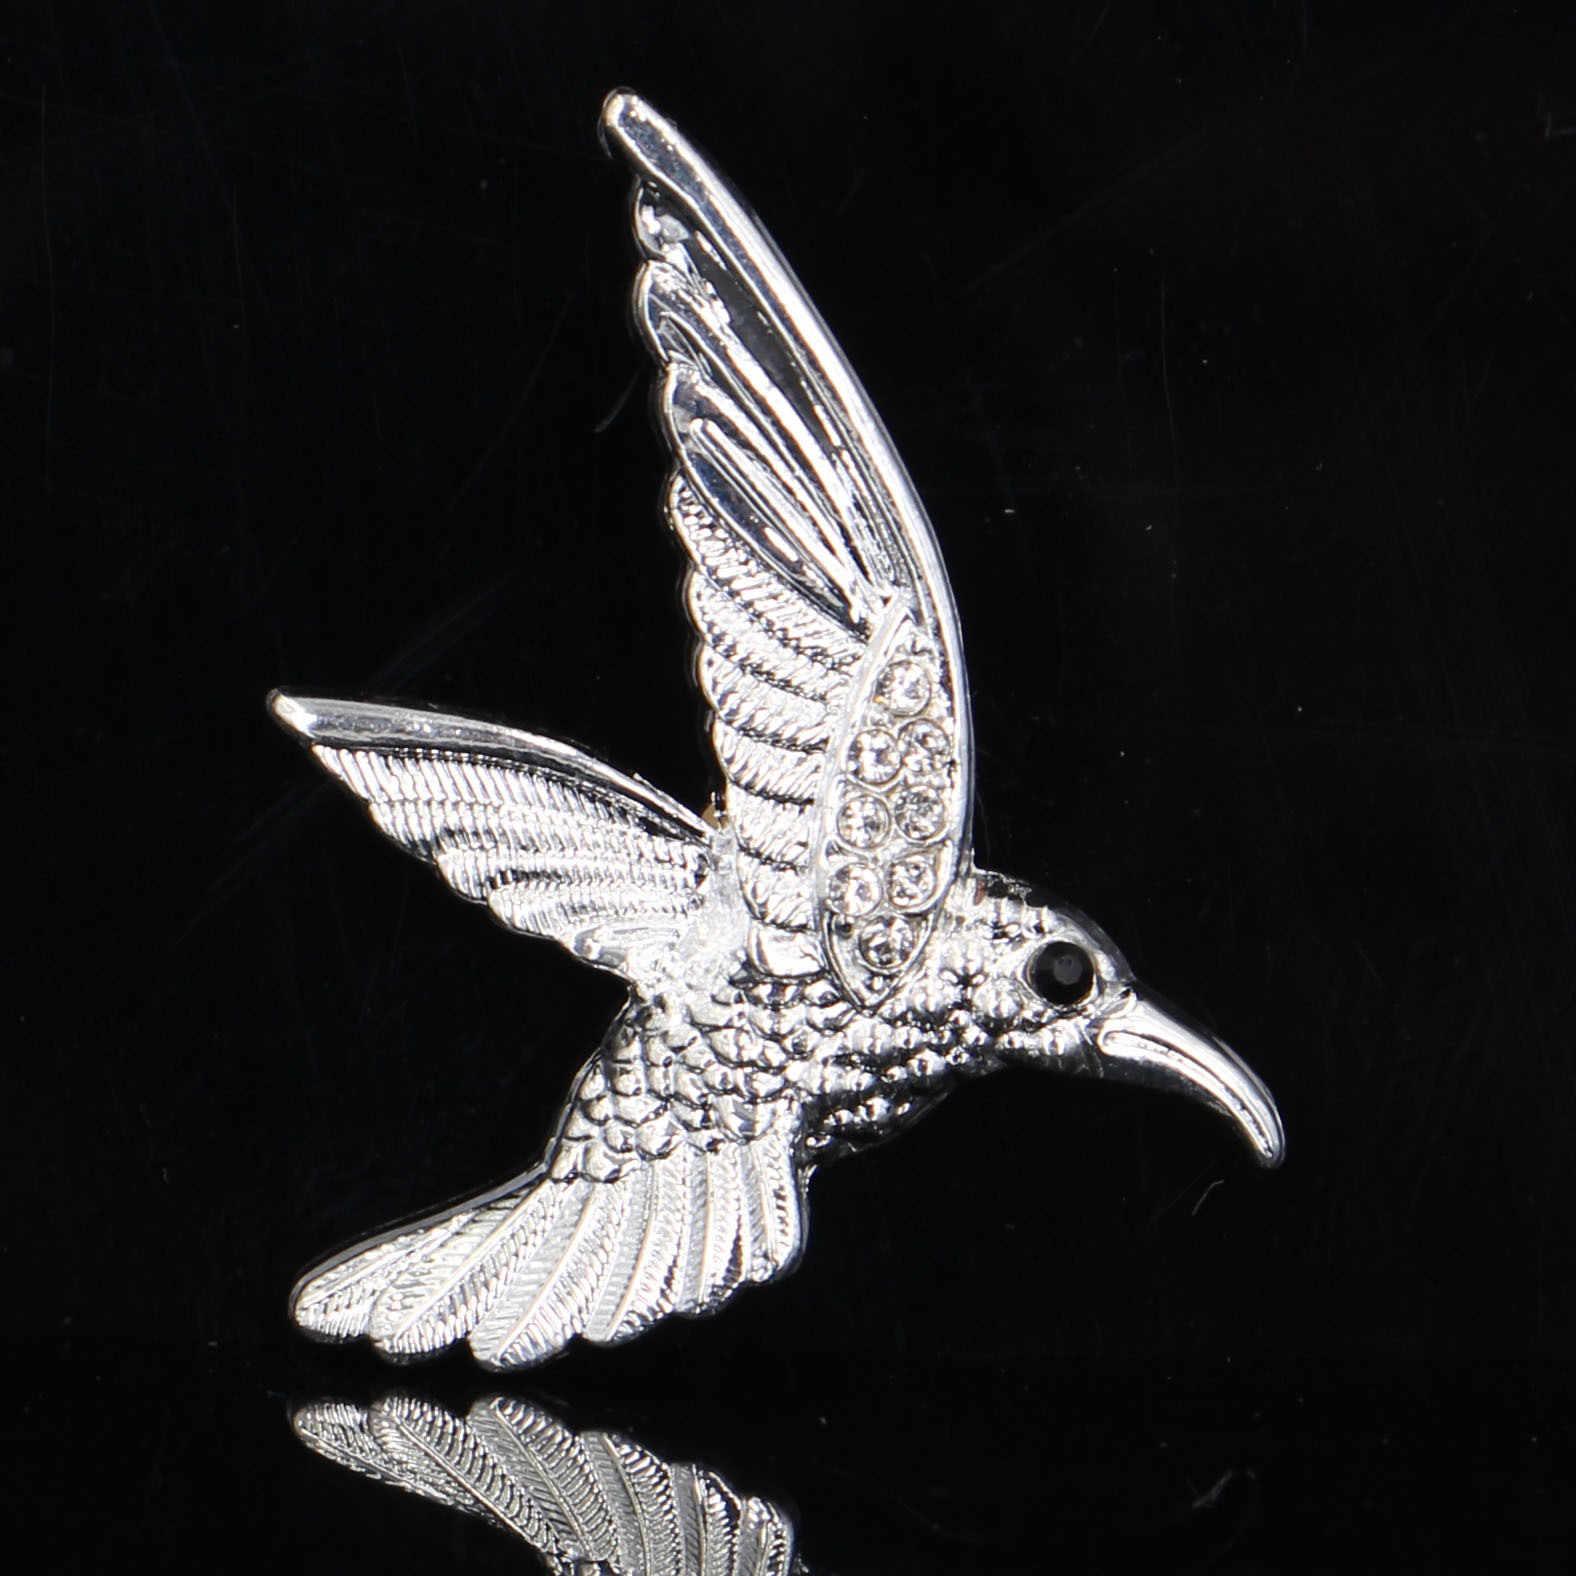 Terbang Yang Indah Hummingbird Bros Anak-anak Perhiasan Mewah Fashion Anak Hewan Kerah Pin dan Bros Aksesoris Pakaian